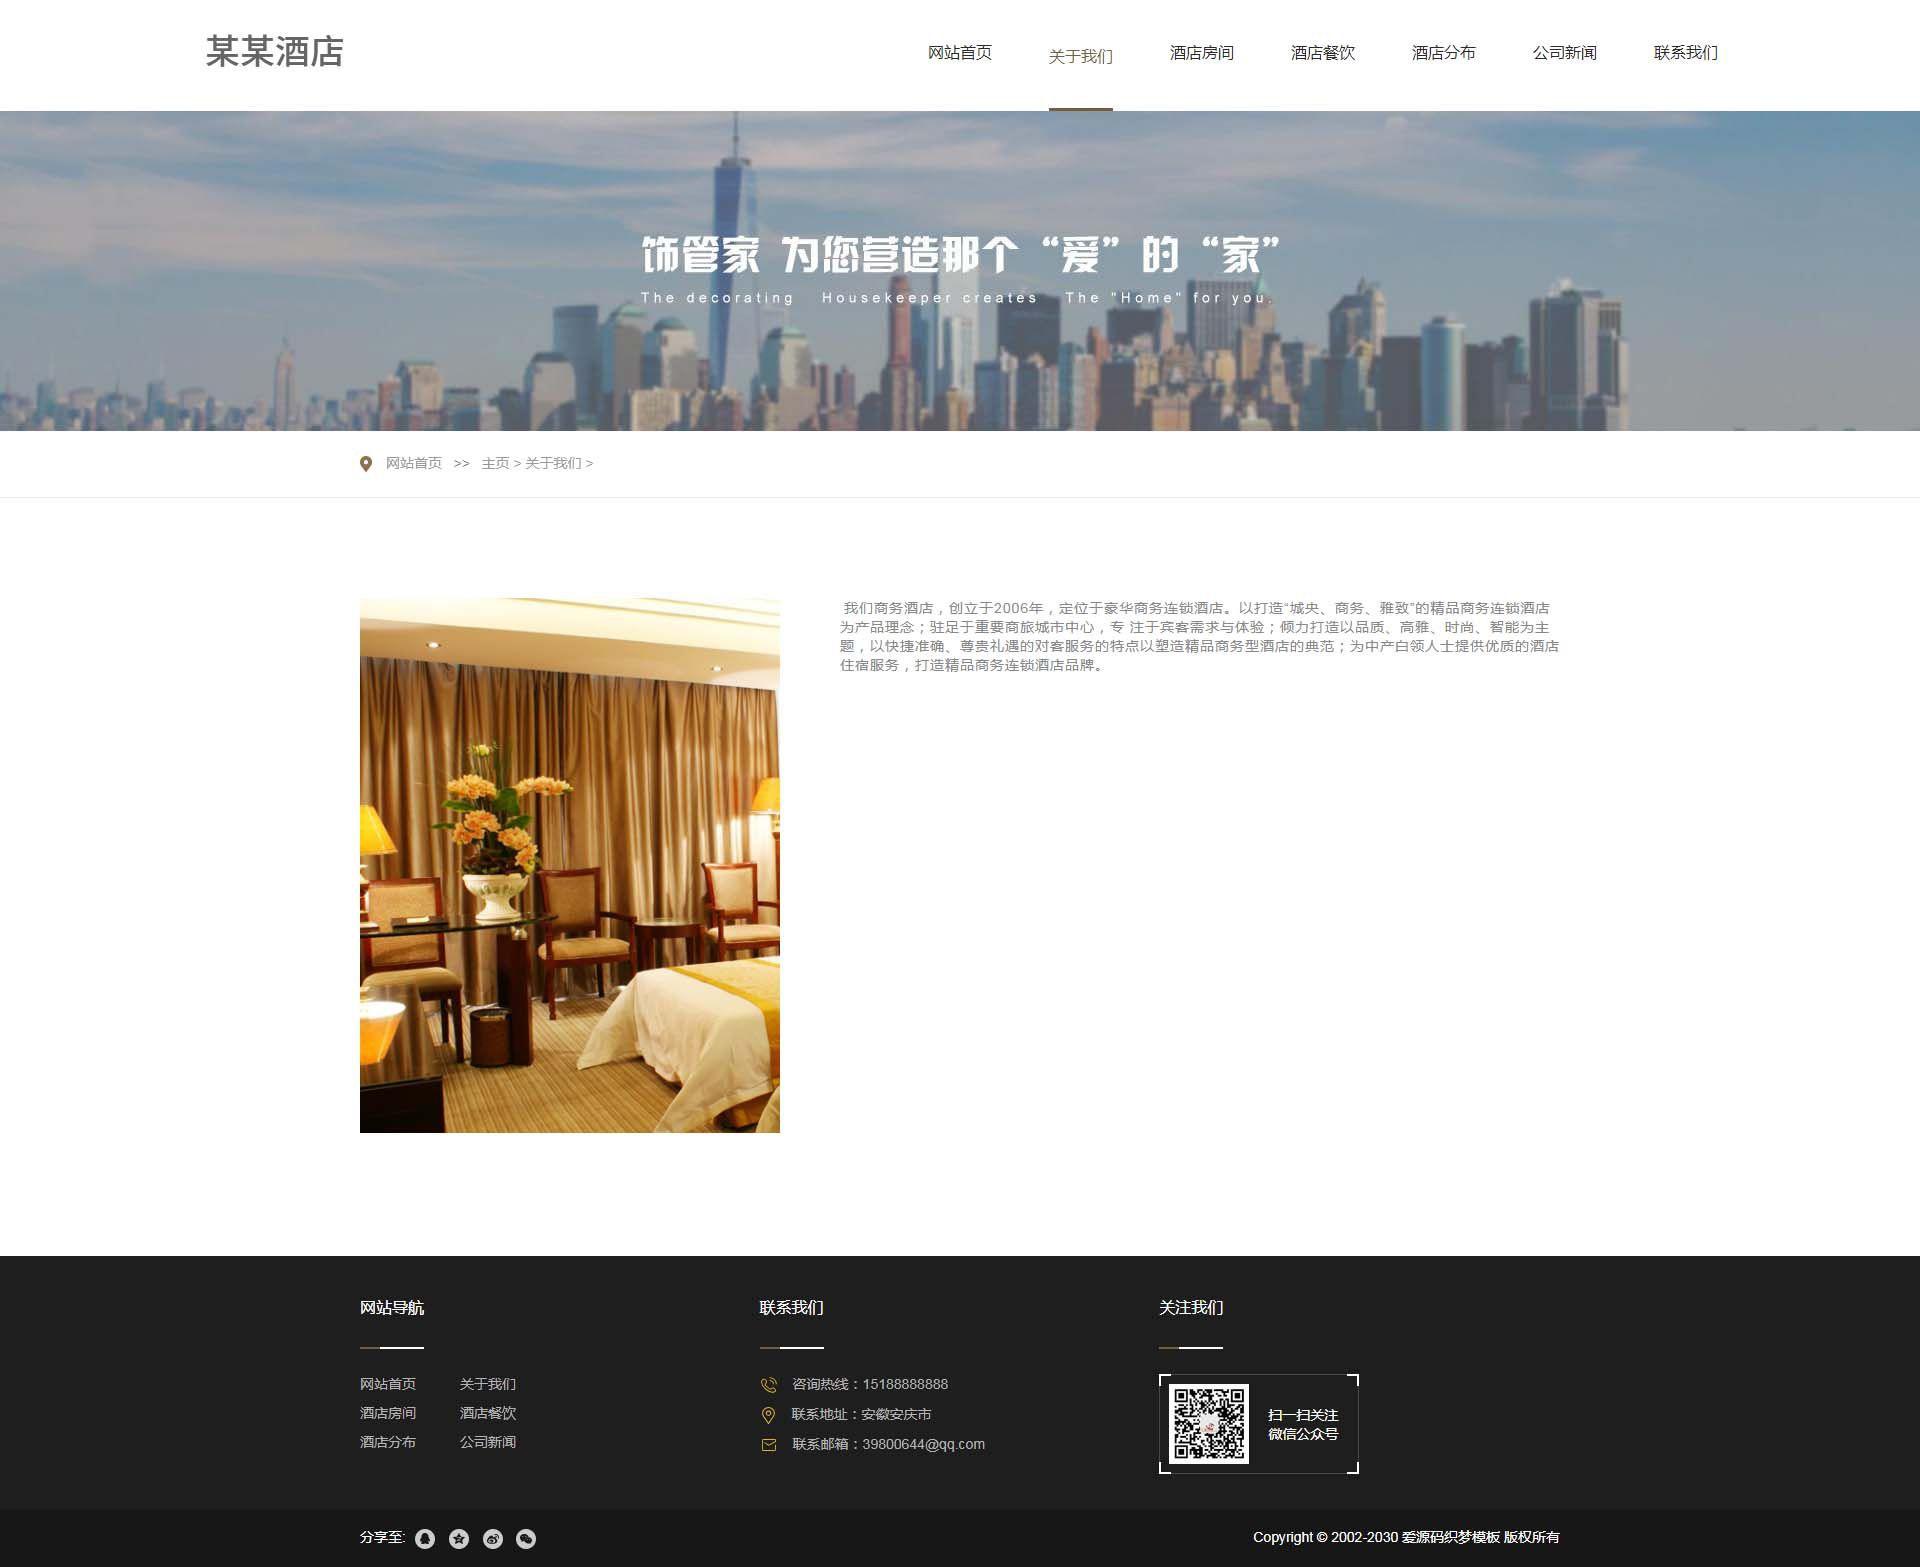 【织梦酒店企业模板】DEDECMS大气自适应酒店网站织梦cms模板下载